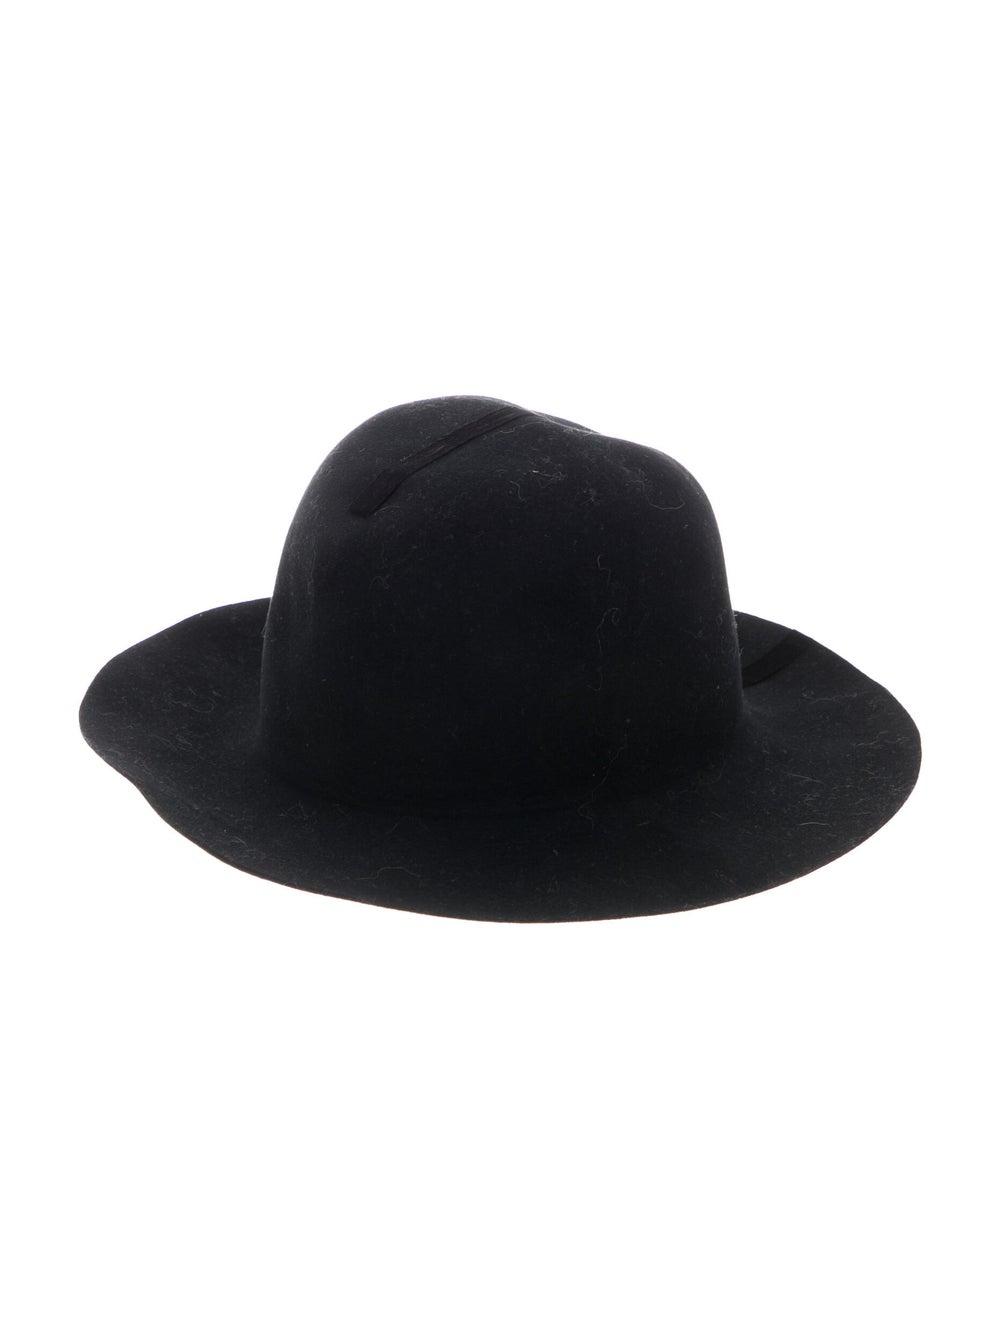 Janessa Leone Wool Wide Brim Hat Black - image 1